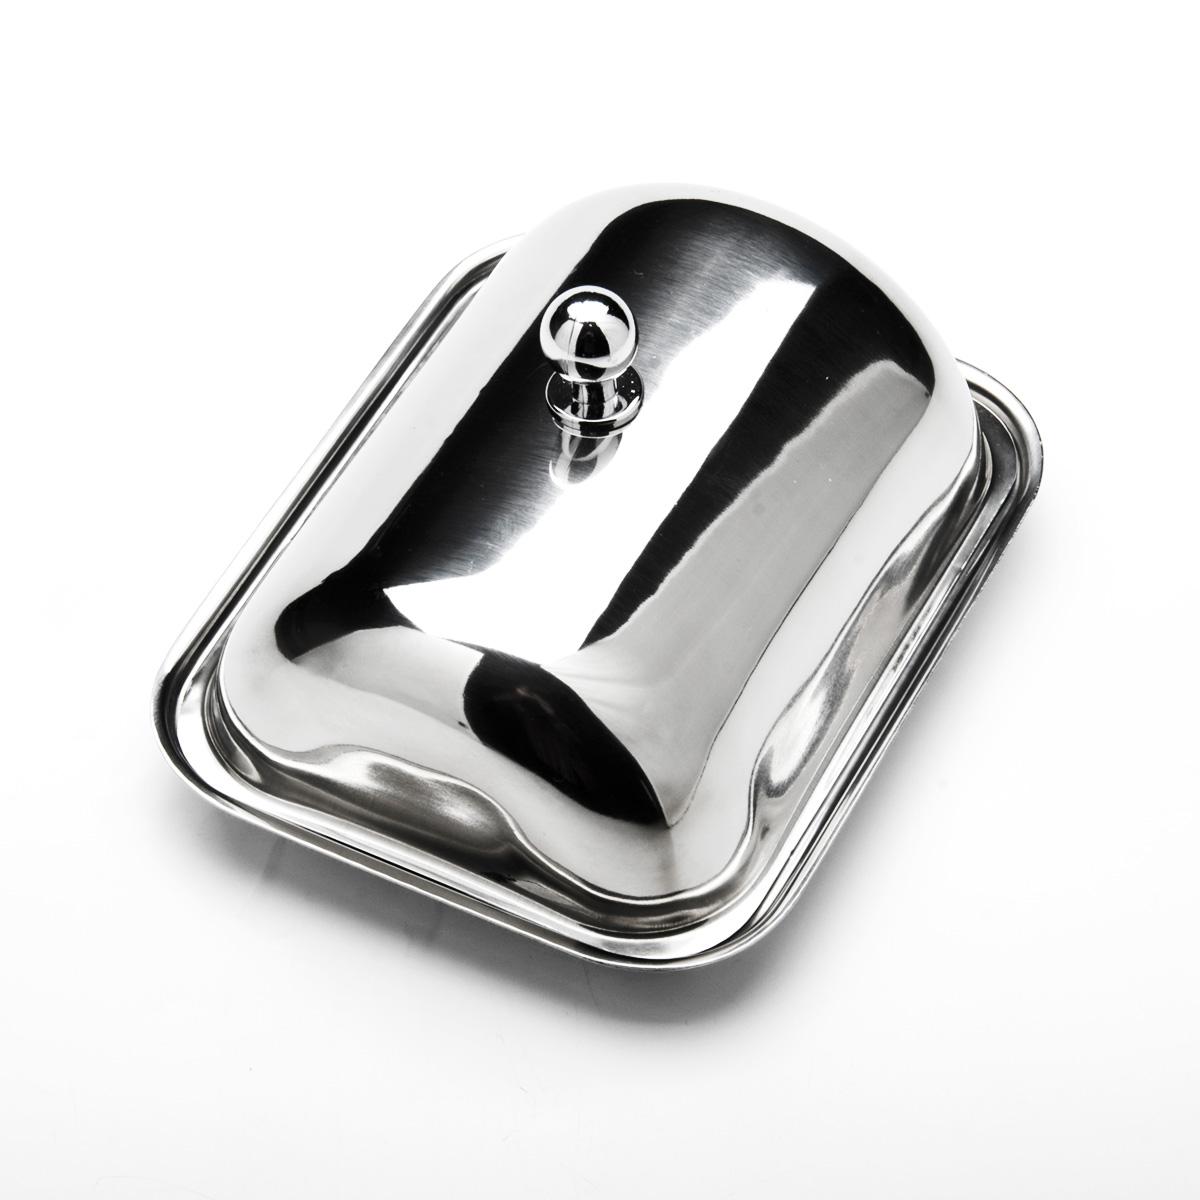 Масленка Mayer & Boch. 2351423514Масленка Mayer & Boch, изготовленная из высококачественной нержавеющей стали, предназначена для красивой сервировки и хранения масла. Она состоит из подноса и крышки с ручкой. Масло в ней долго остается свежим, а при хранении в холодильнике не впитывает посторонние запахи. Гладкая поверхность обеспечивает легкую чистку. Можно мыть в посудомоечной машине. Размер подноса: 14,5 см х 11,5 см х 1,5 см. Размер крышки: 13,5 см х 10,5 см х 6,5 см.